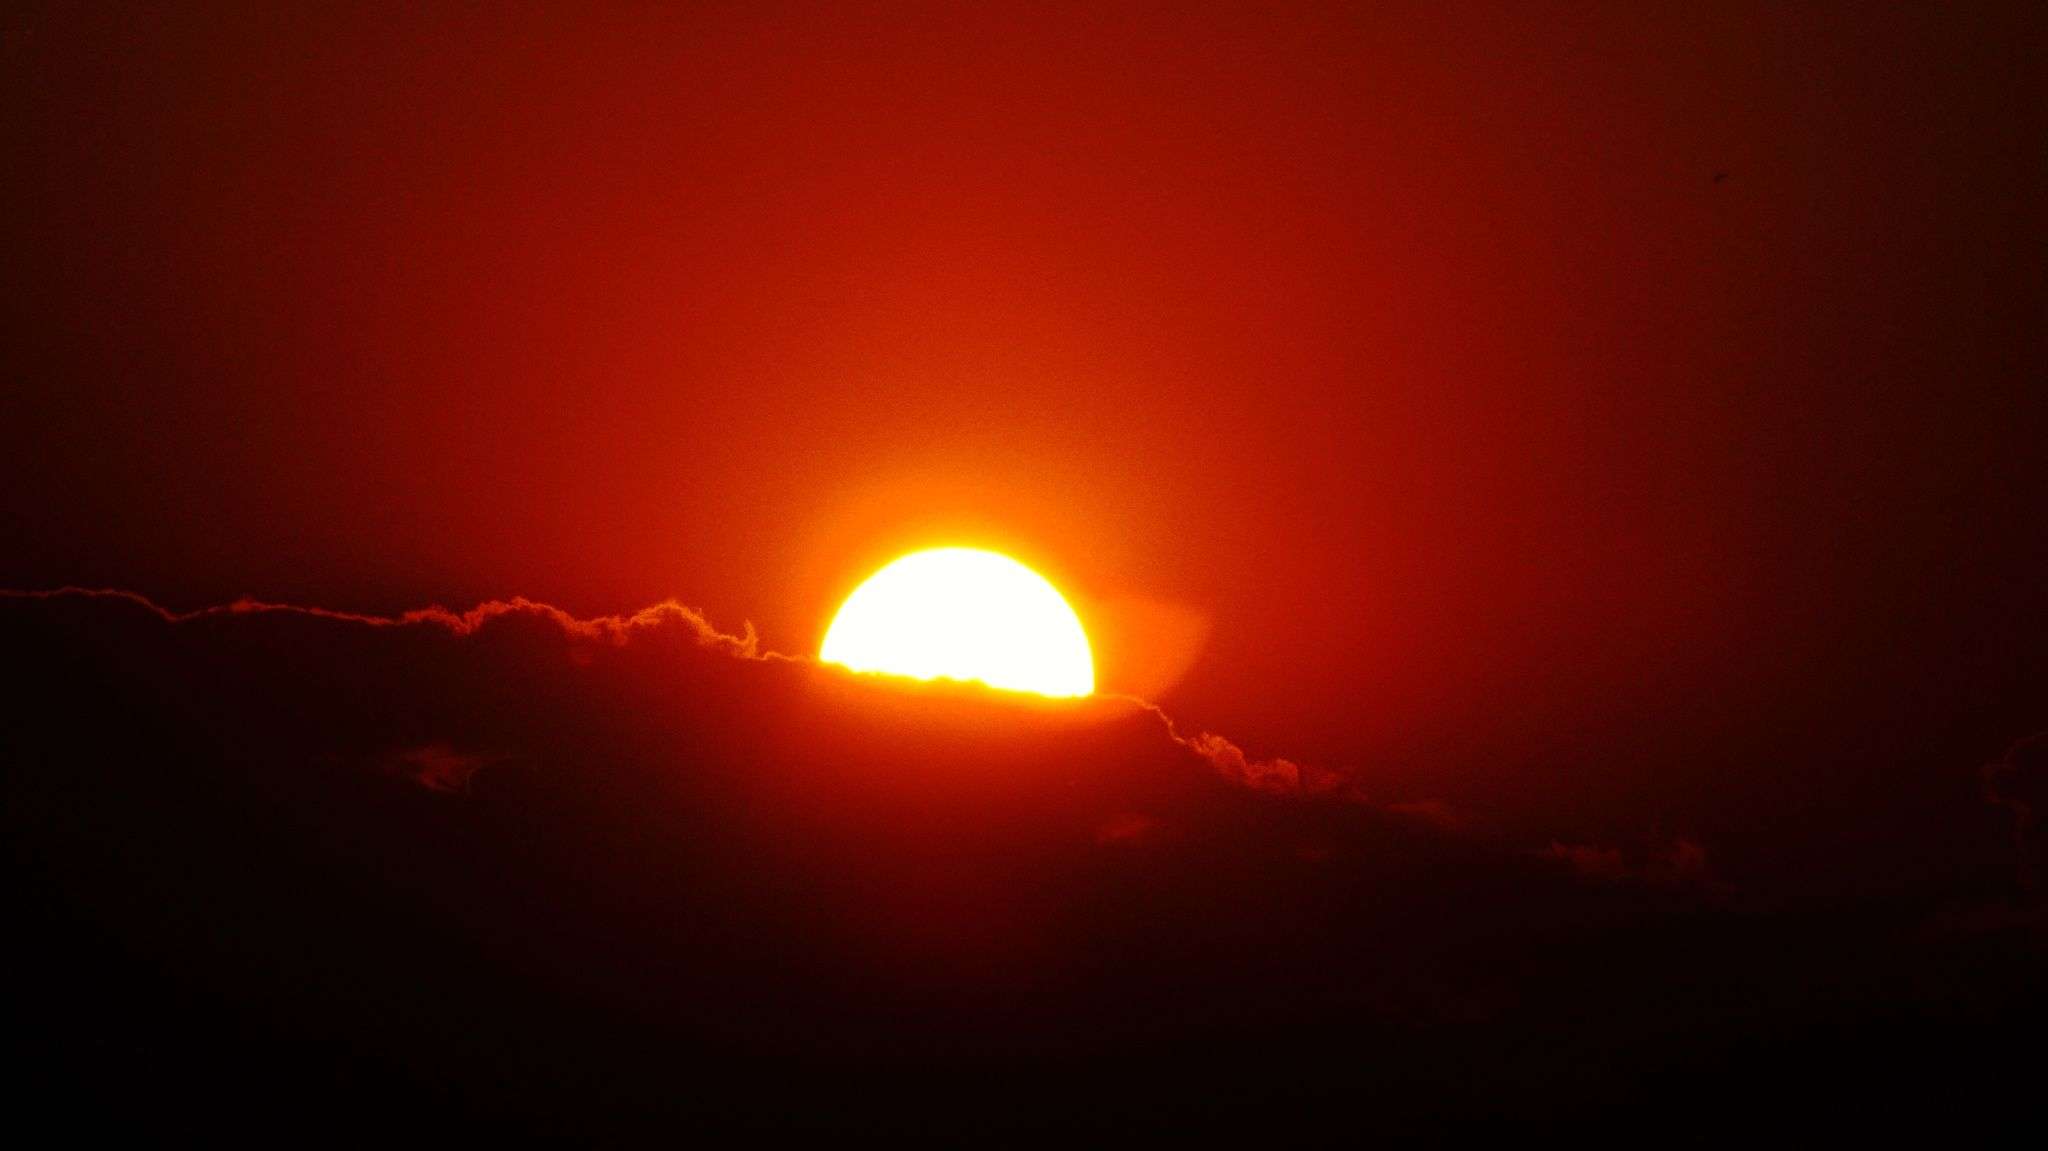 SunSet by Santhosh Kasturi on 500px